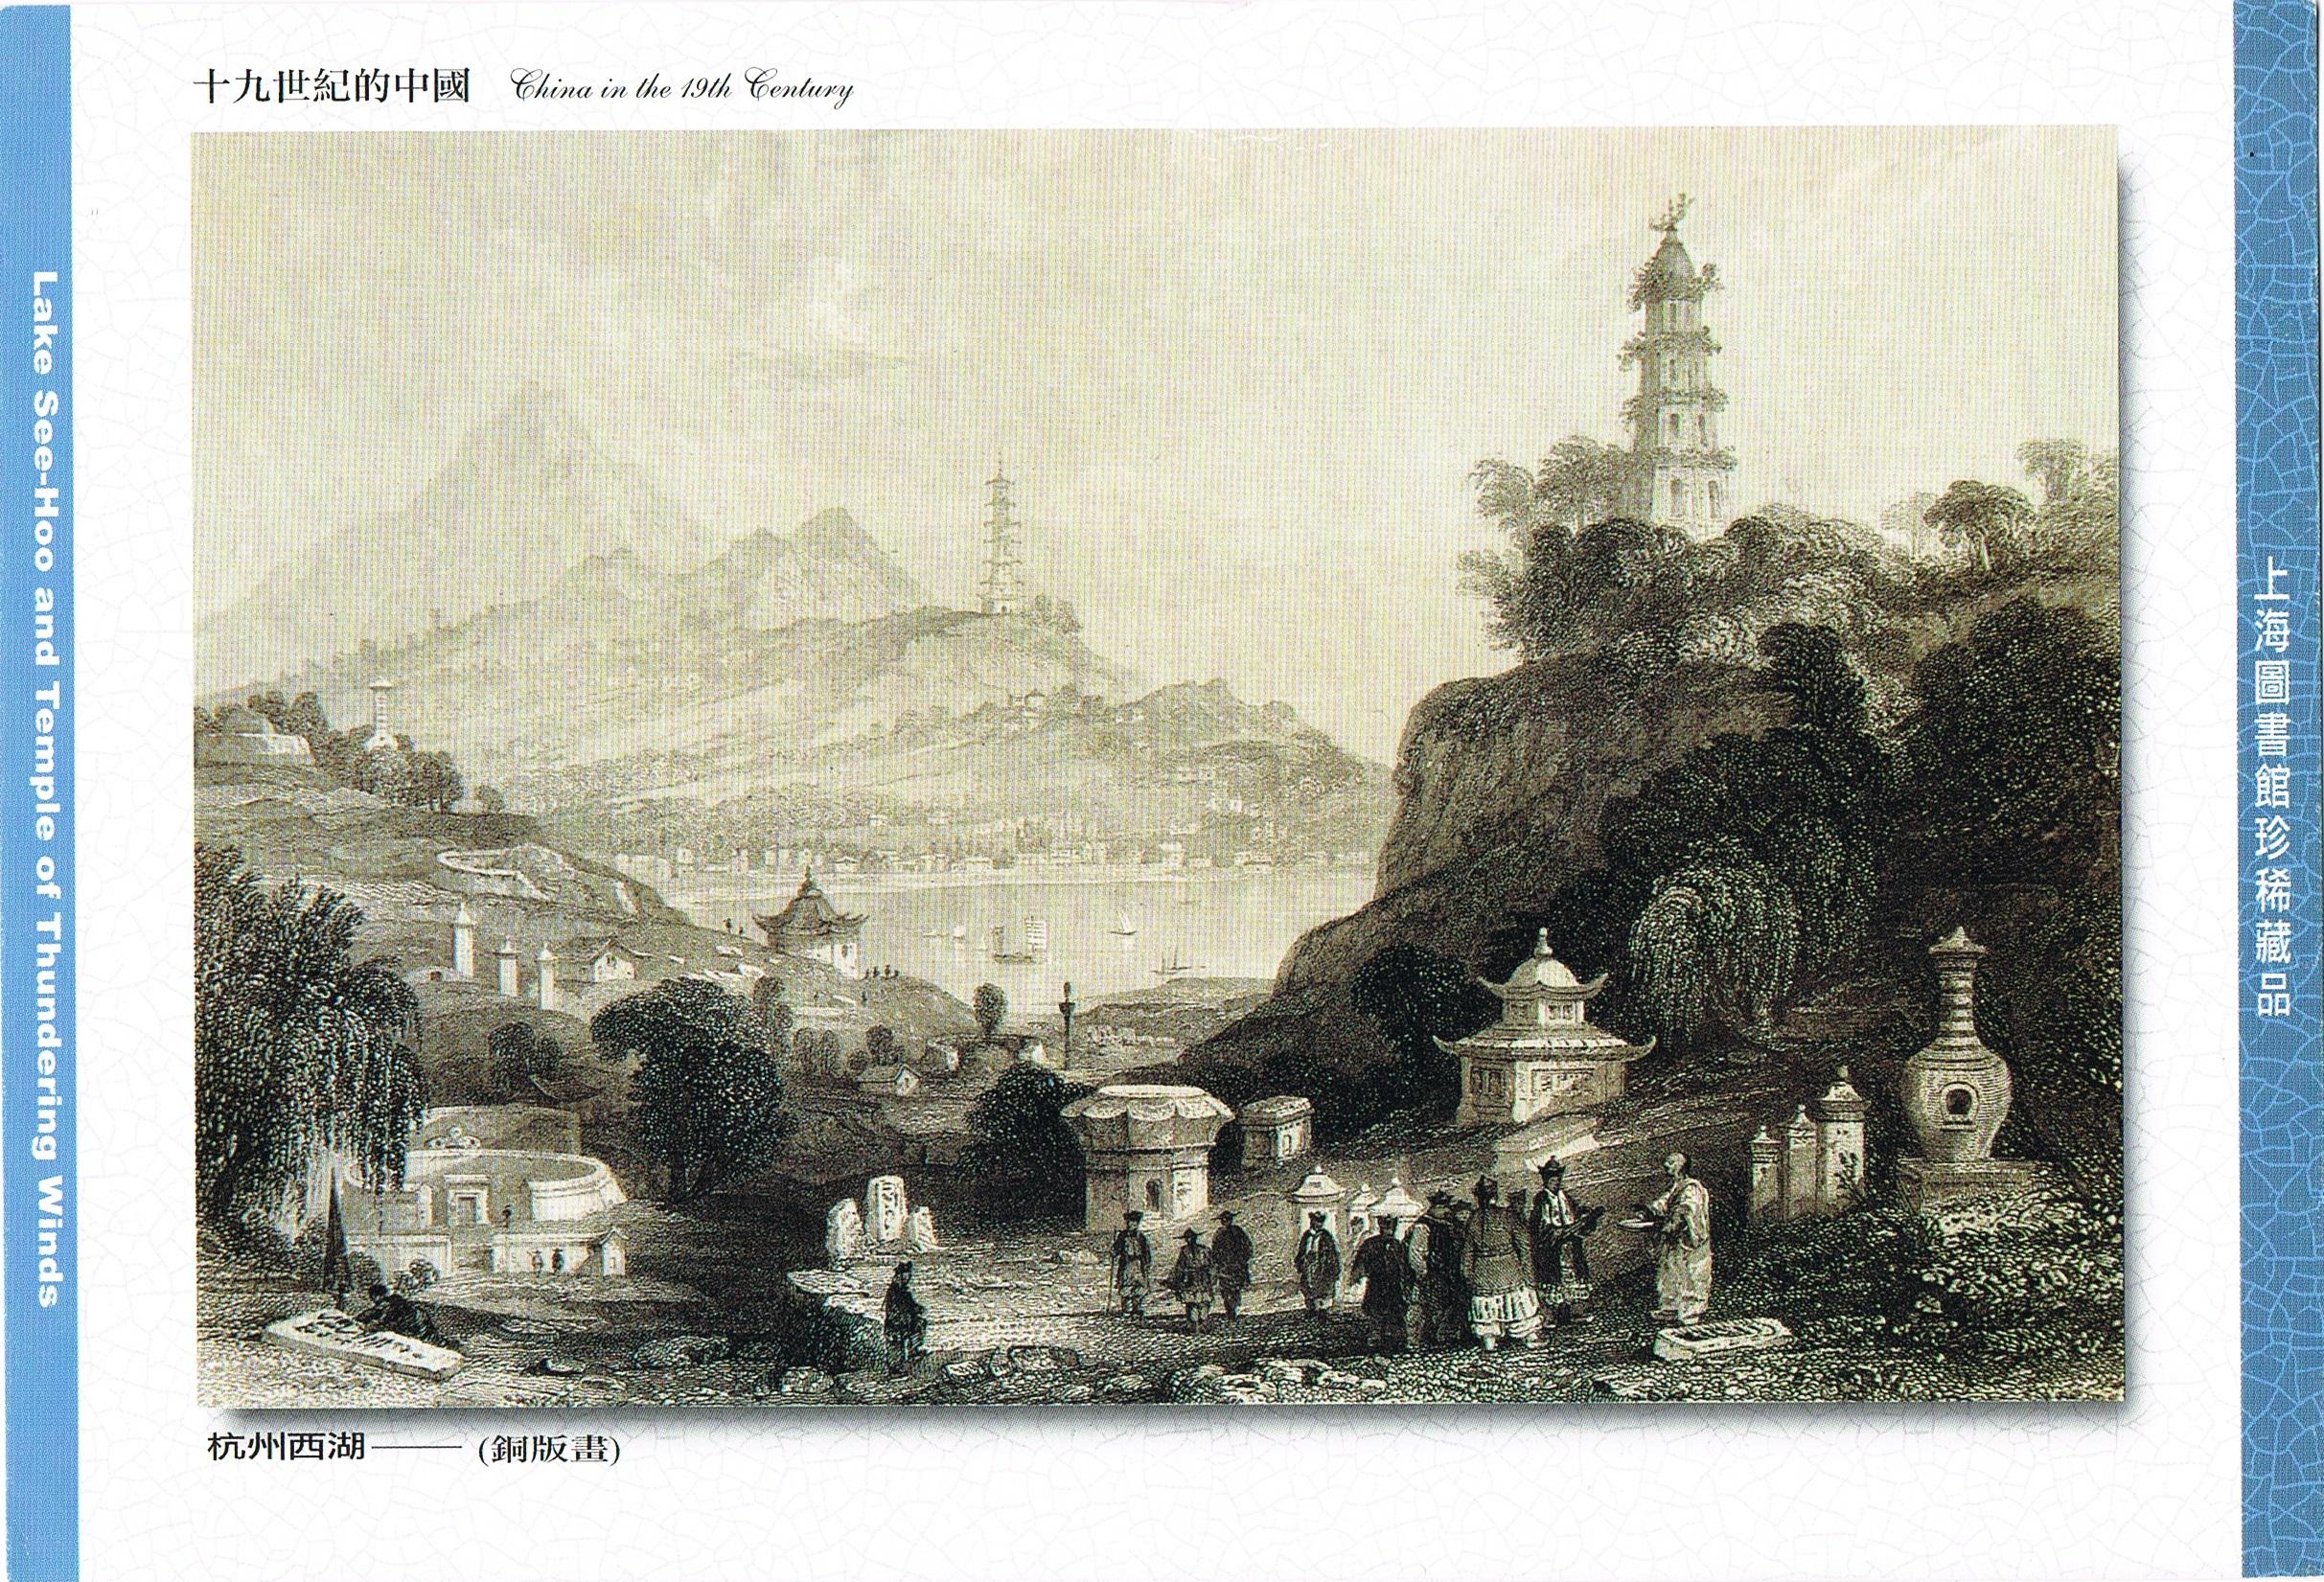 Westsee in Hangzhou im 19. Jahrhundert